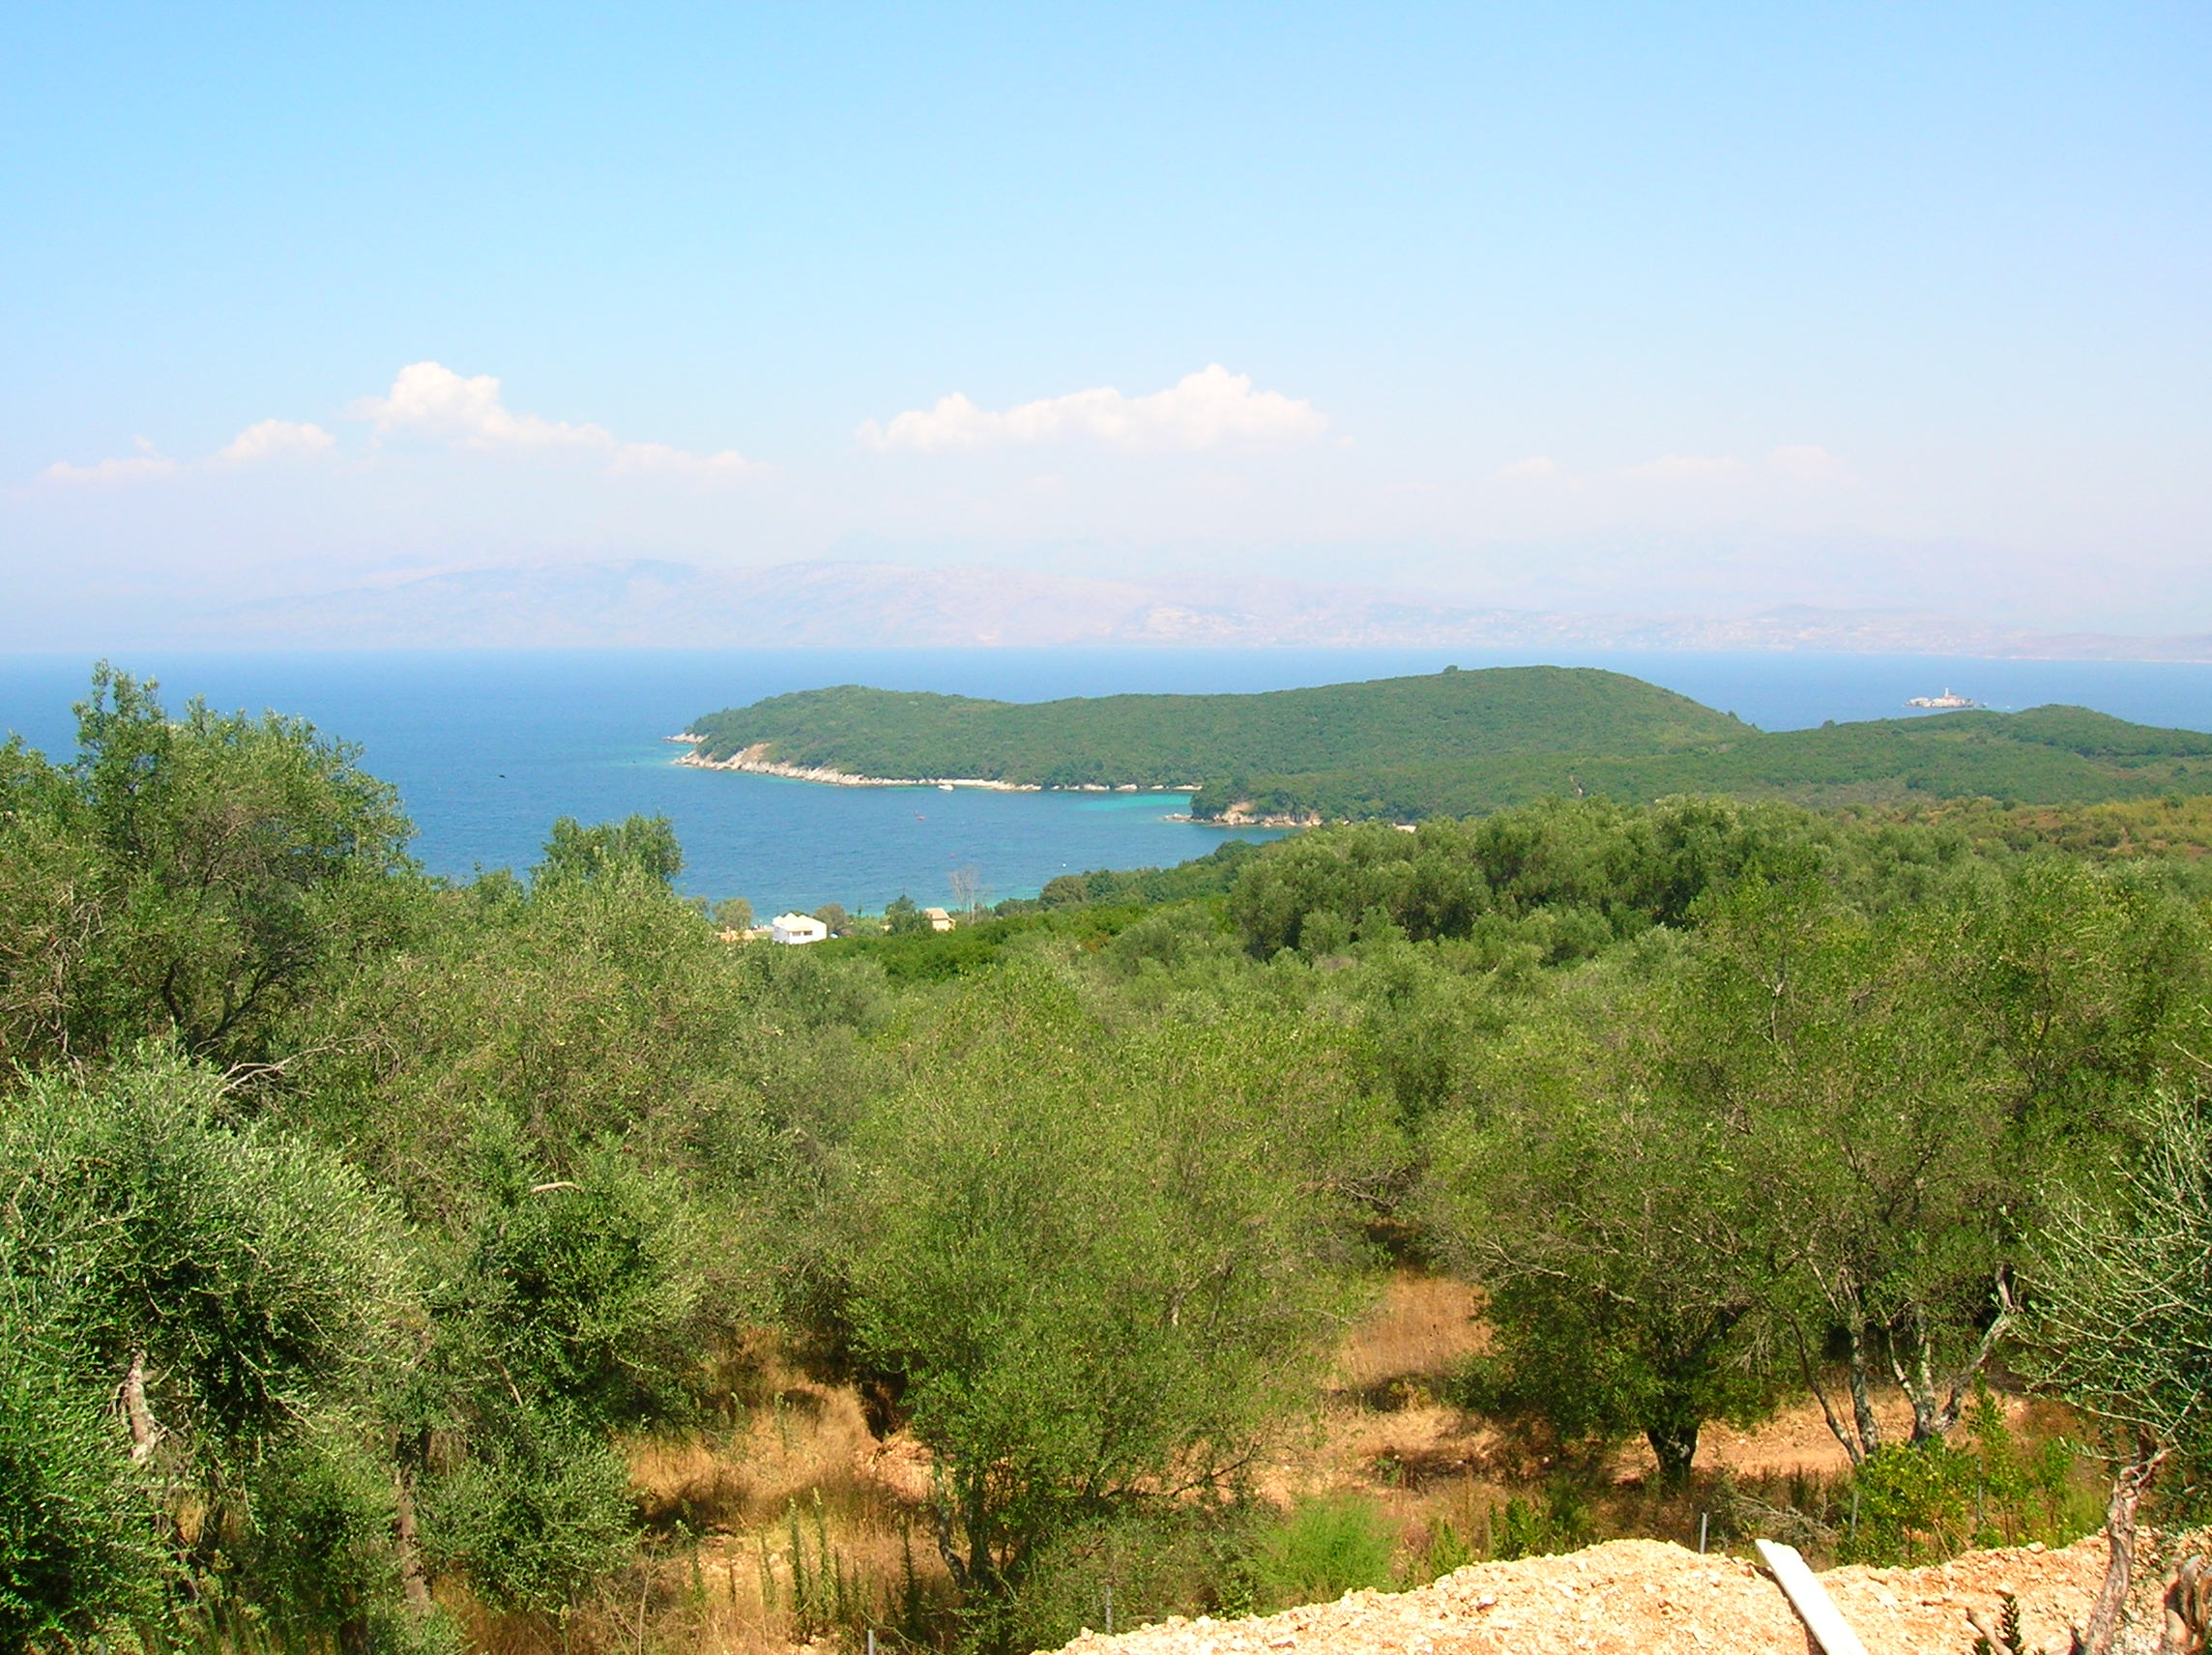 Vente terrain constructible avlaki corf grece avlaki for Construction piscine zone non constructible